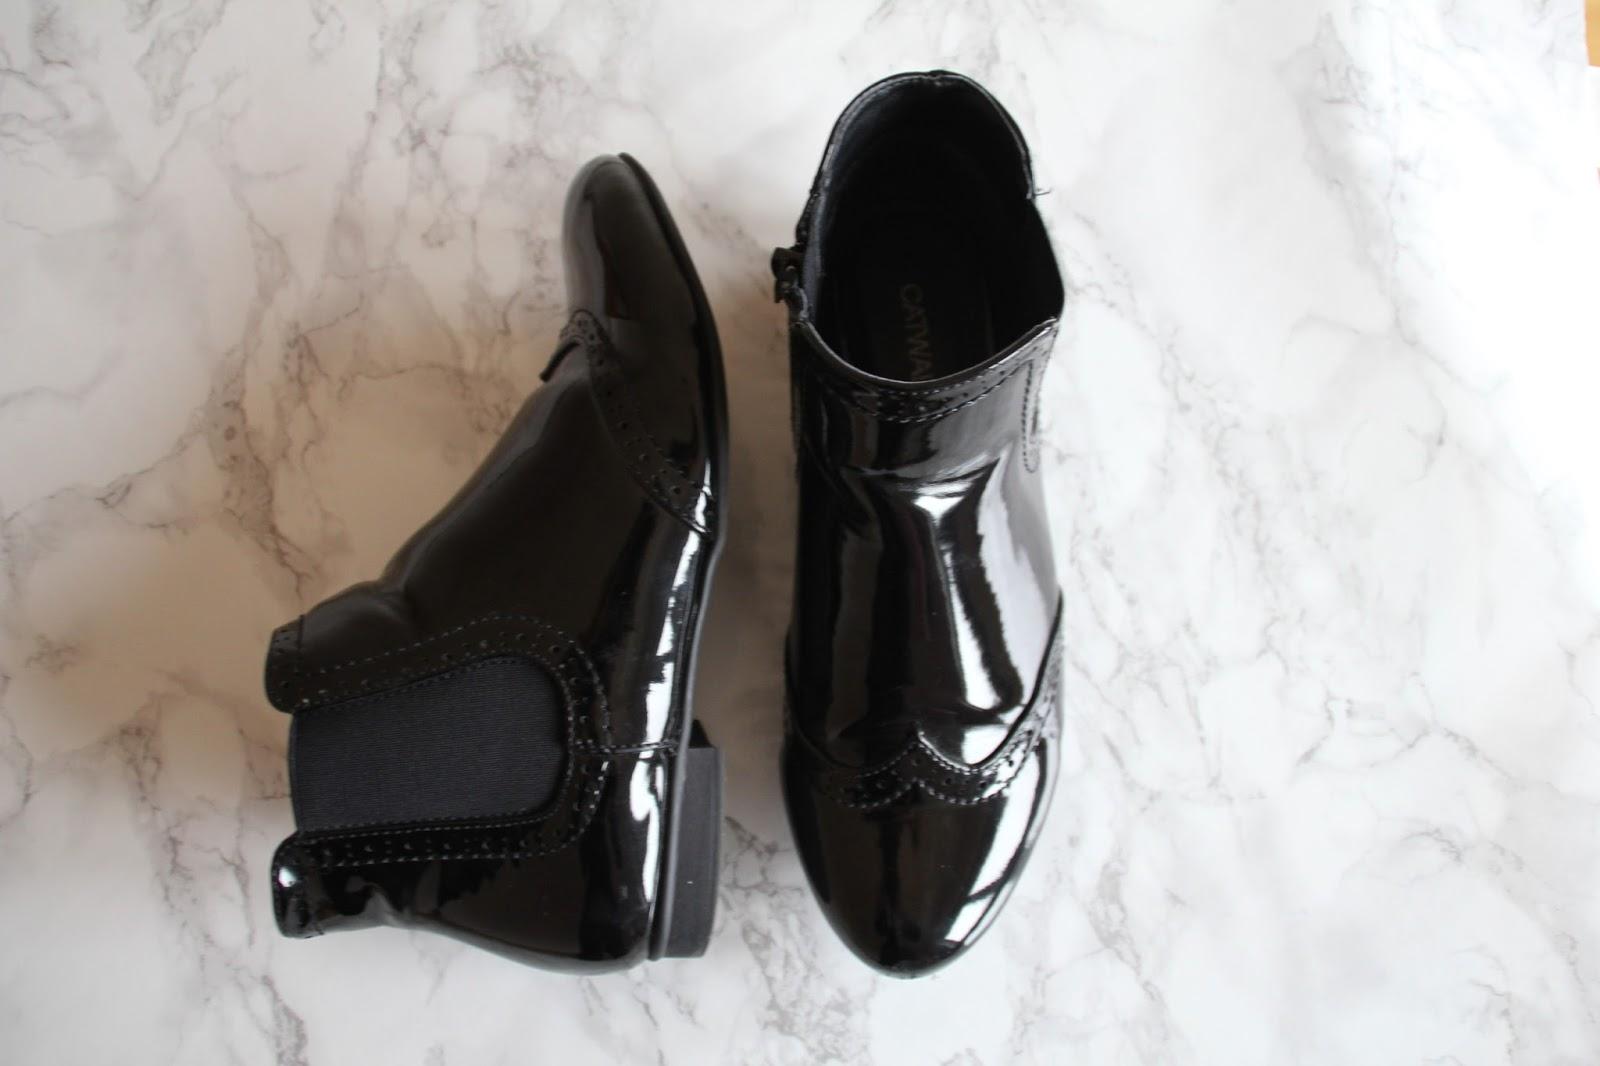 https://www.kleiderkreisel.de/damenschuhe/stiefeletten/145875790-chelsea-boots-in-lackoptik